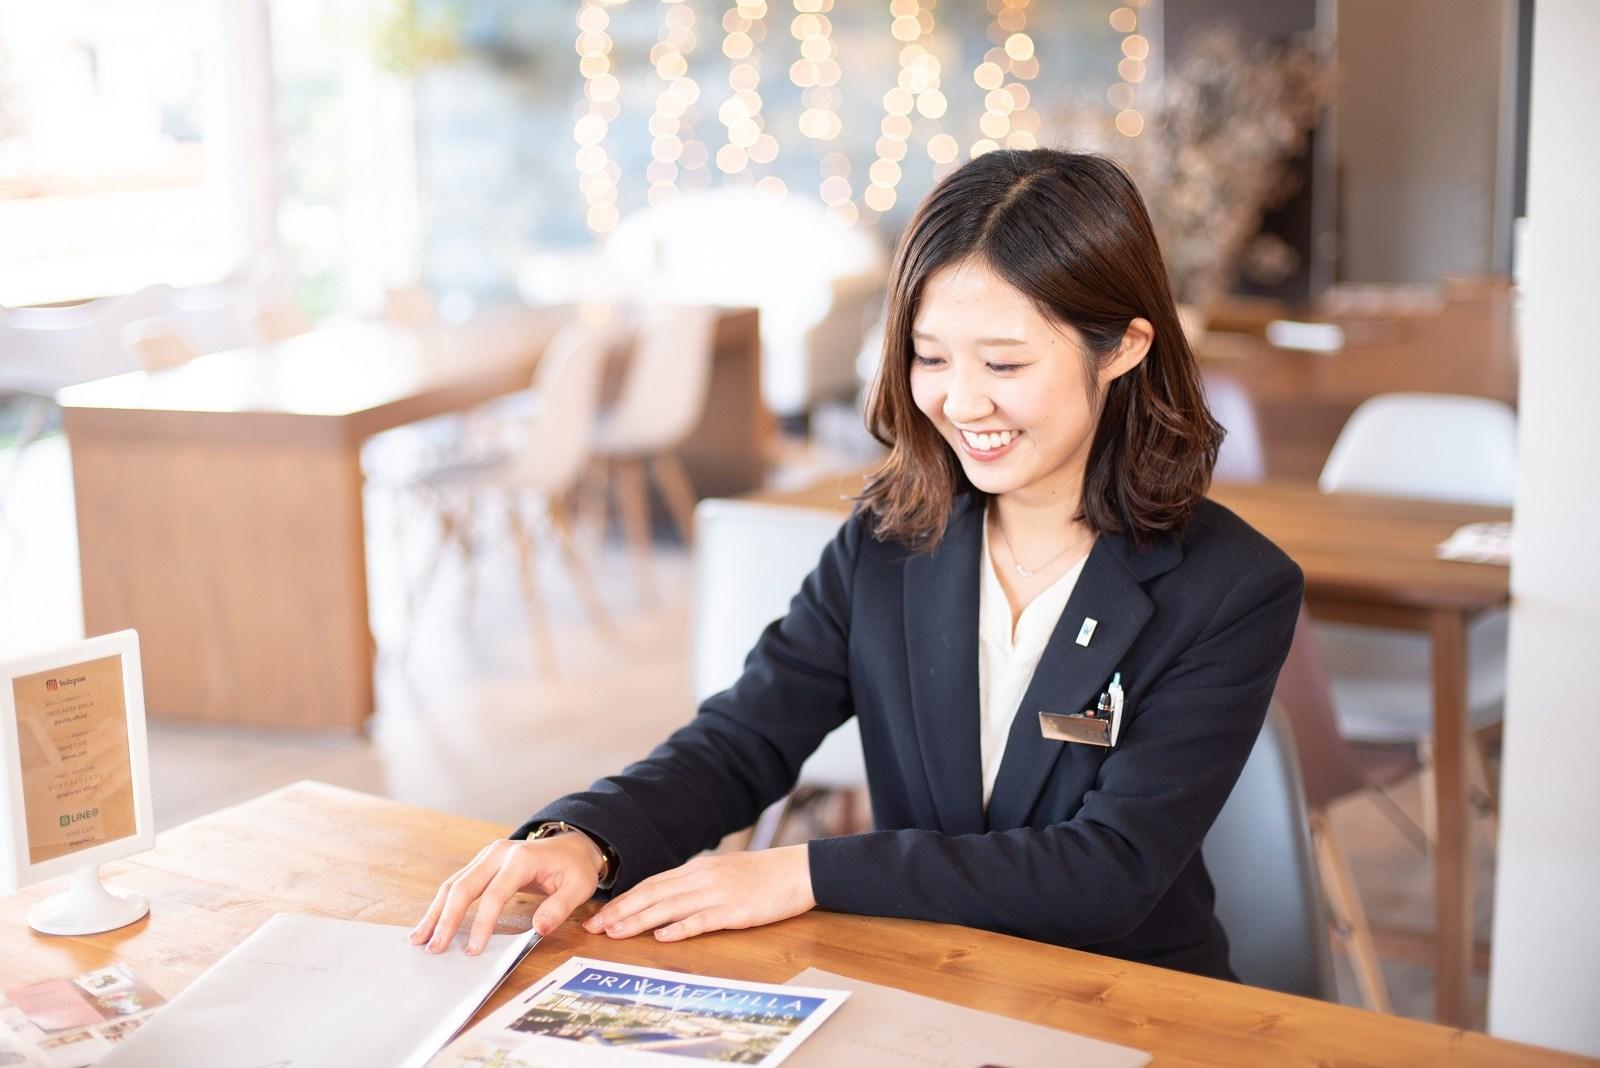 香川県高松市の小さな結婚式相談カウンターマリマリコンシェルジュで提携している式場のご案内